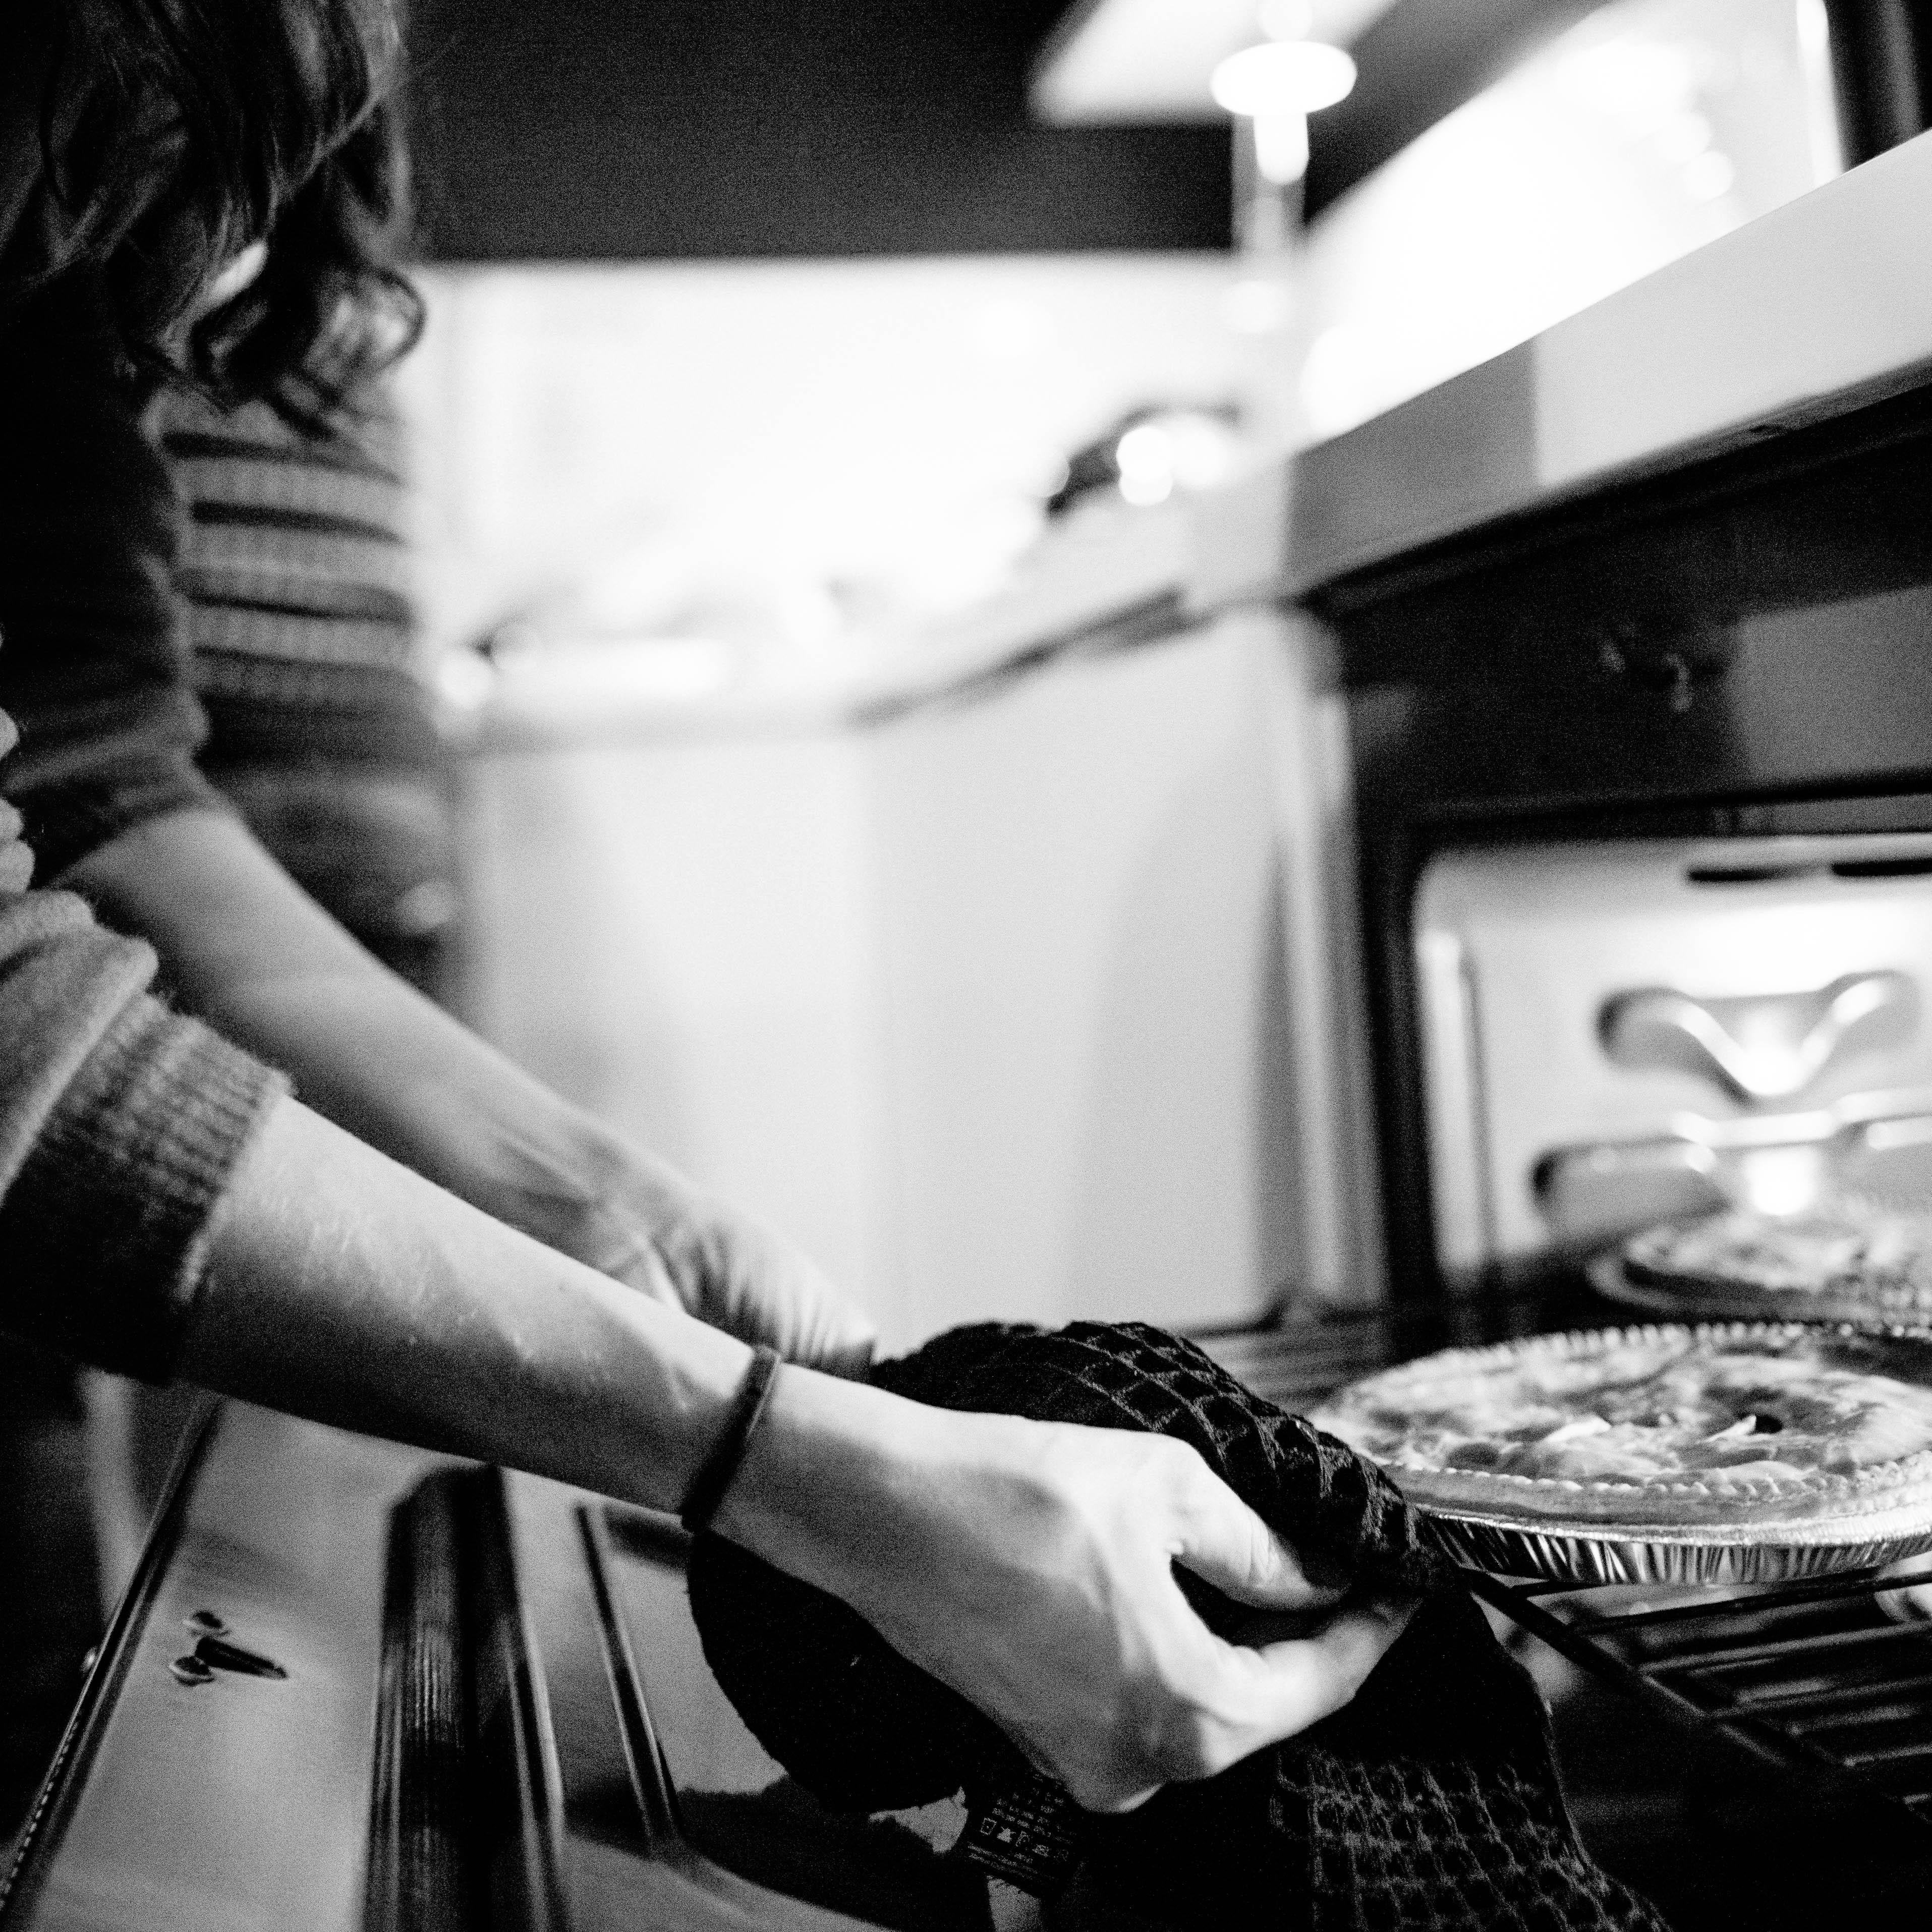 Manger Hochelaga Maisonneuve